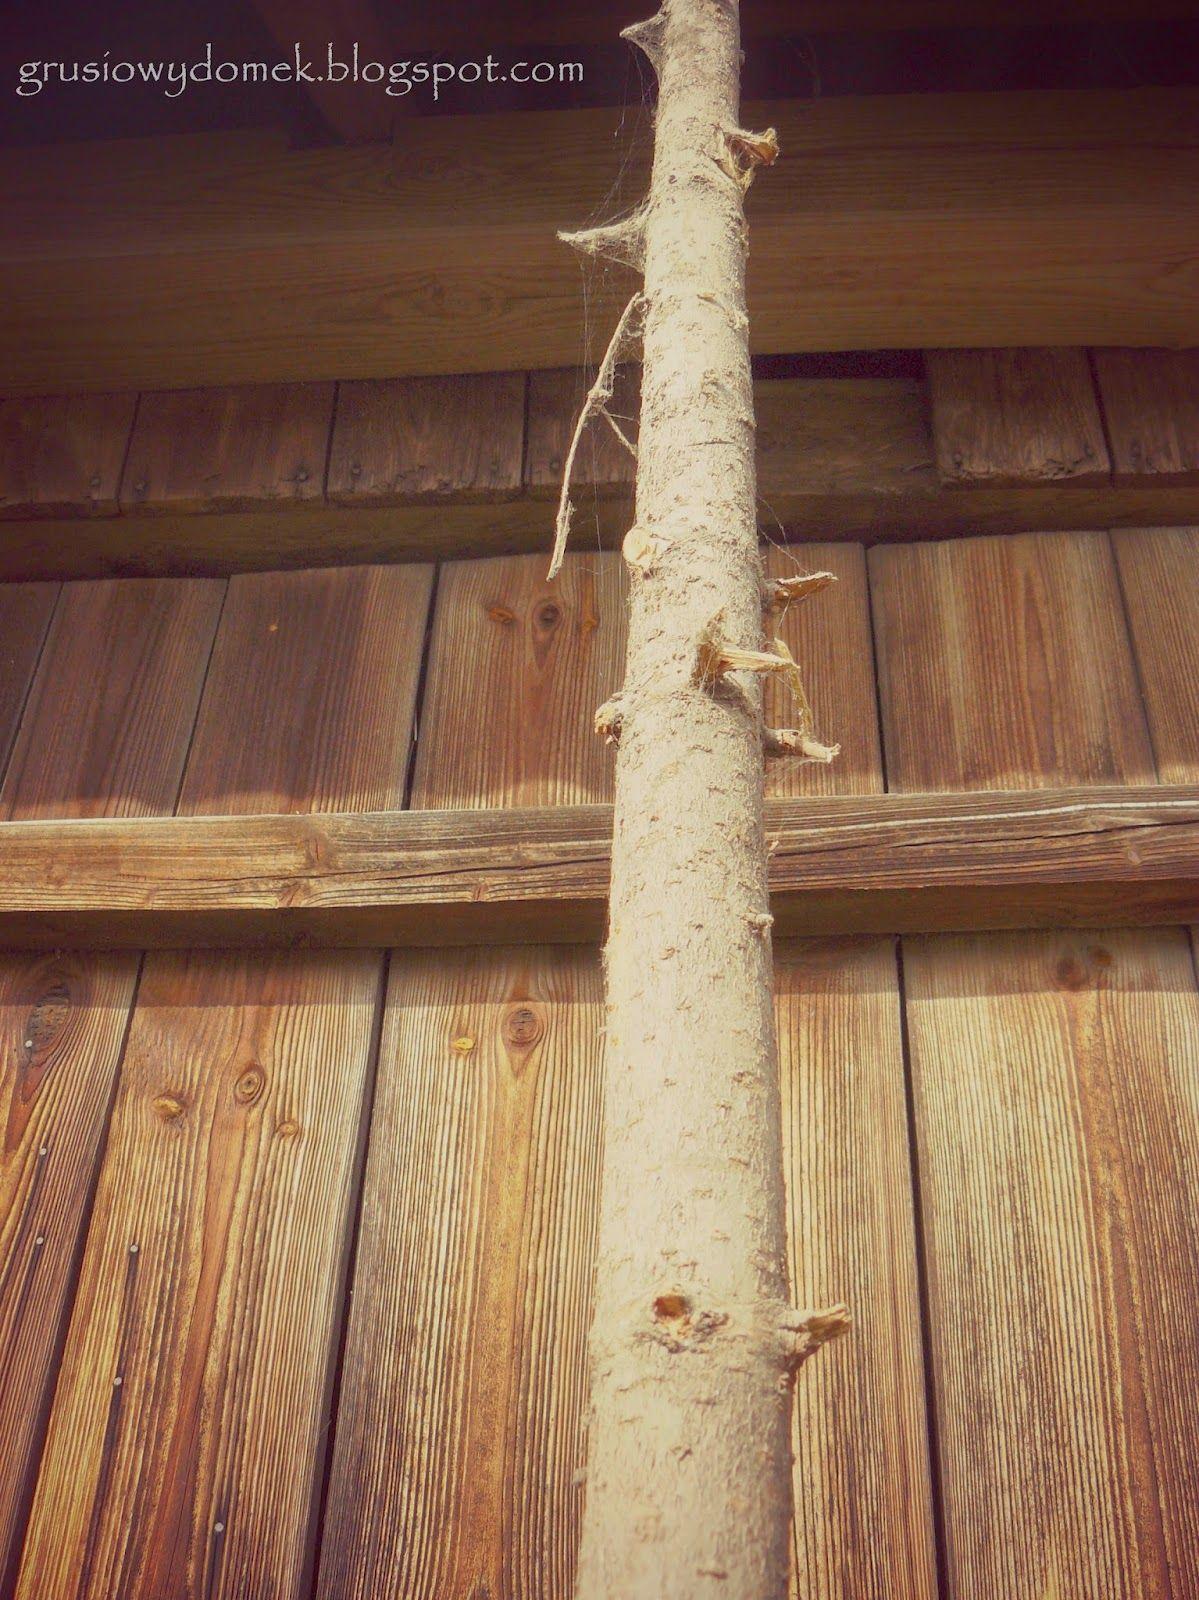 Grusiowy Domek Mala Czastka Grusiowego Domku Wood Crafts Texture